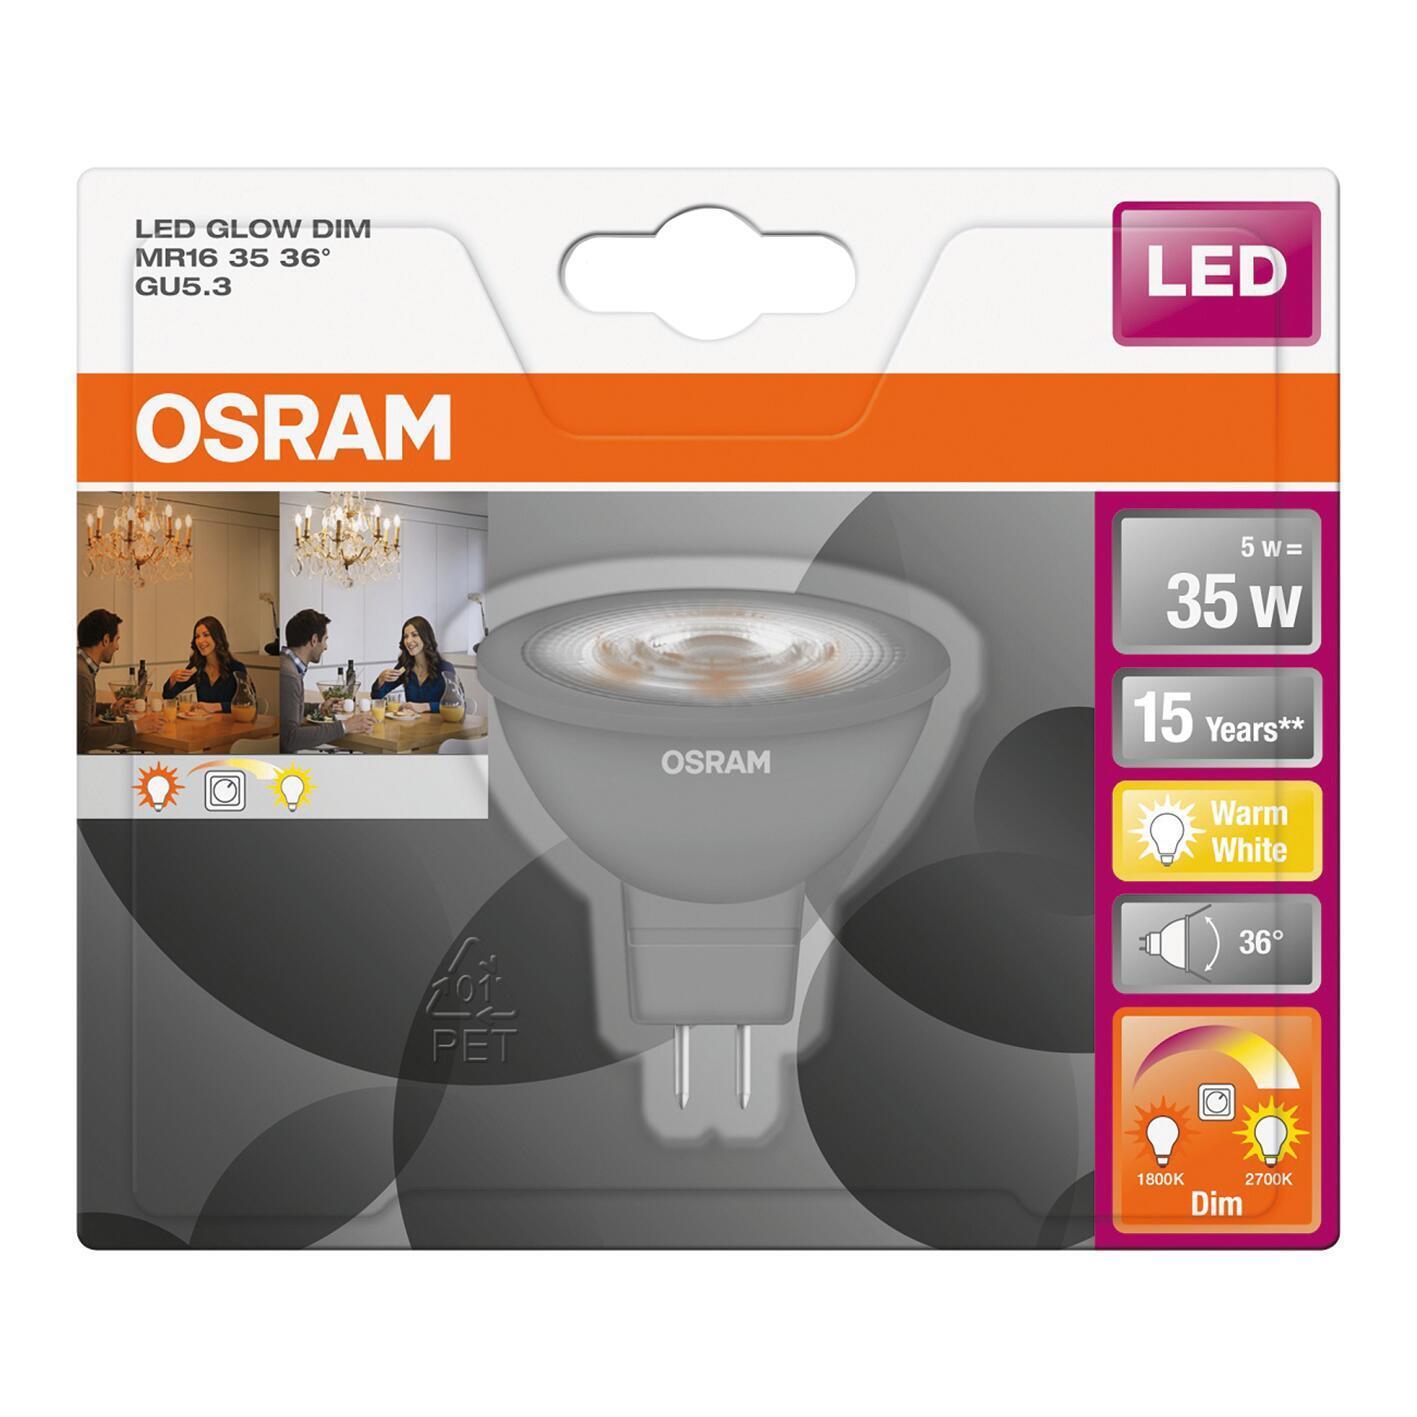 Lampadina LED, GU5.3, Faretto, Opaco, Luce calda, 5W=345LM (equiv 35 W), 36° , OSRAM - 6